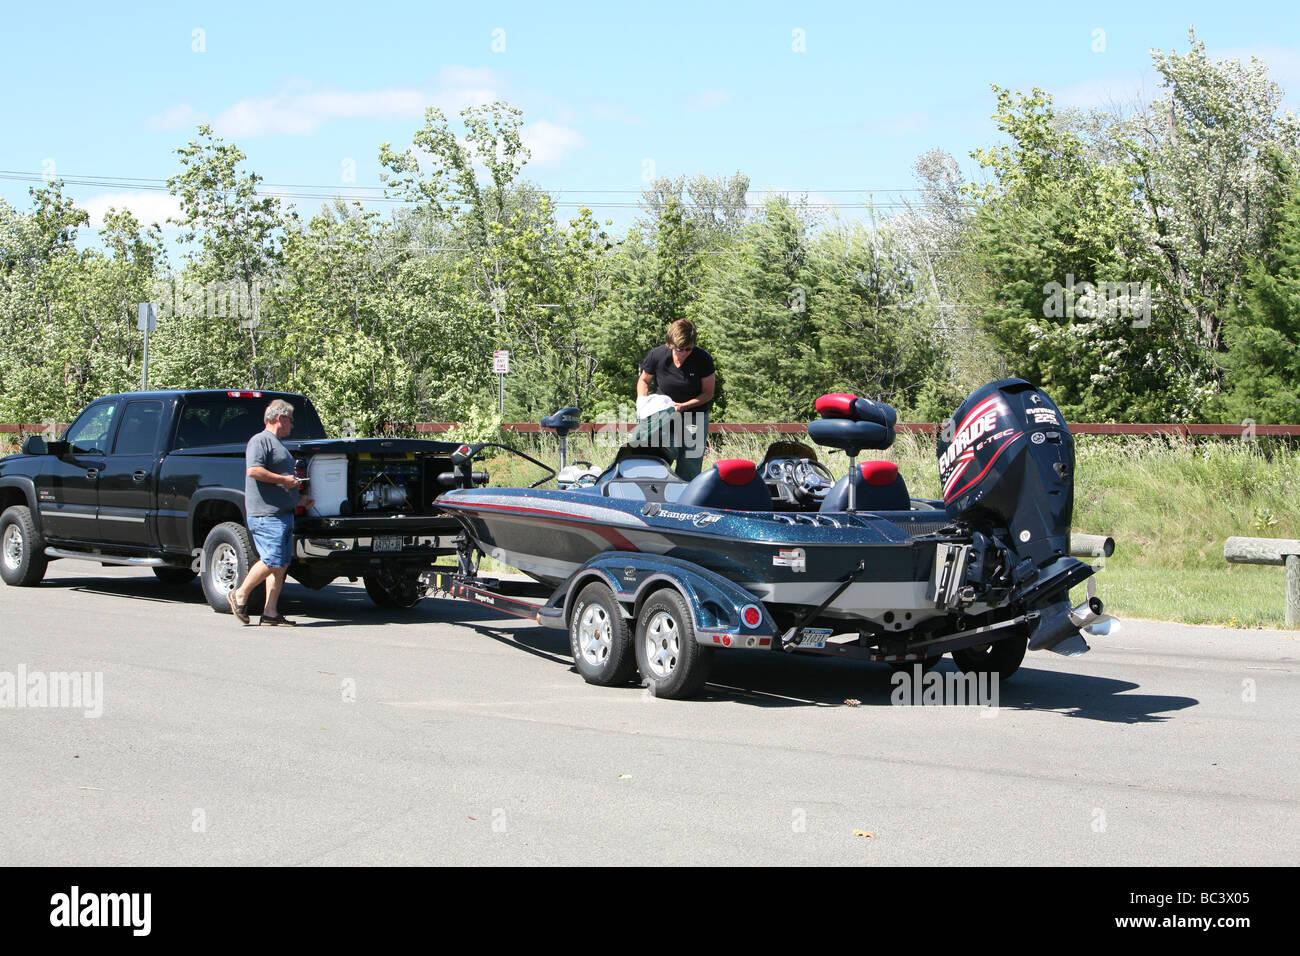 Eine Familie von Fischer startet ein Ranger Bass Pottersville Glendale Straße Bootsanleger. Vater, Mutter, Stockbild